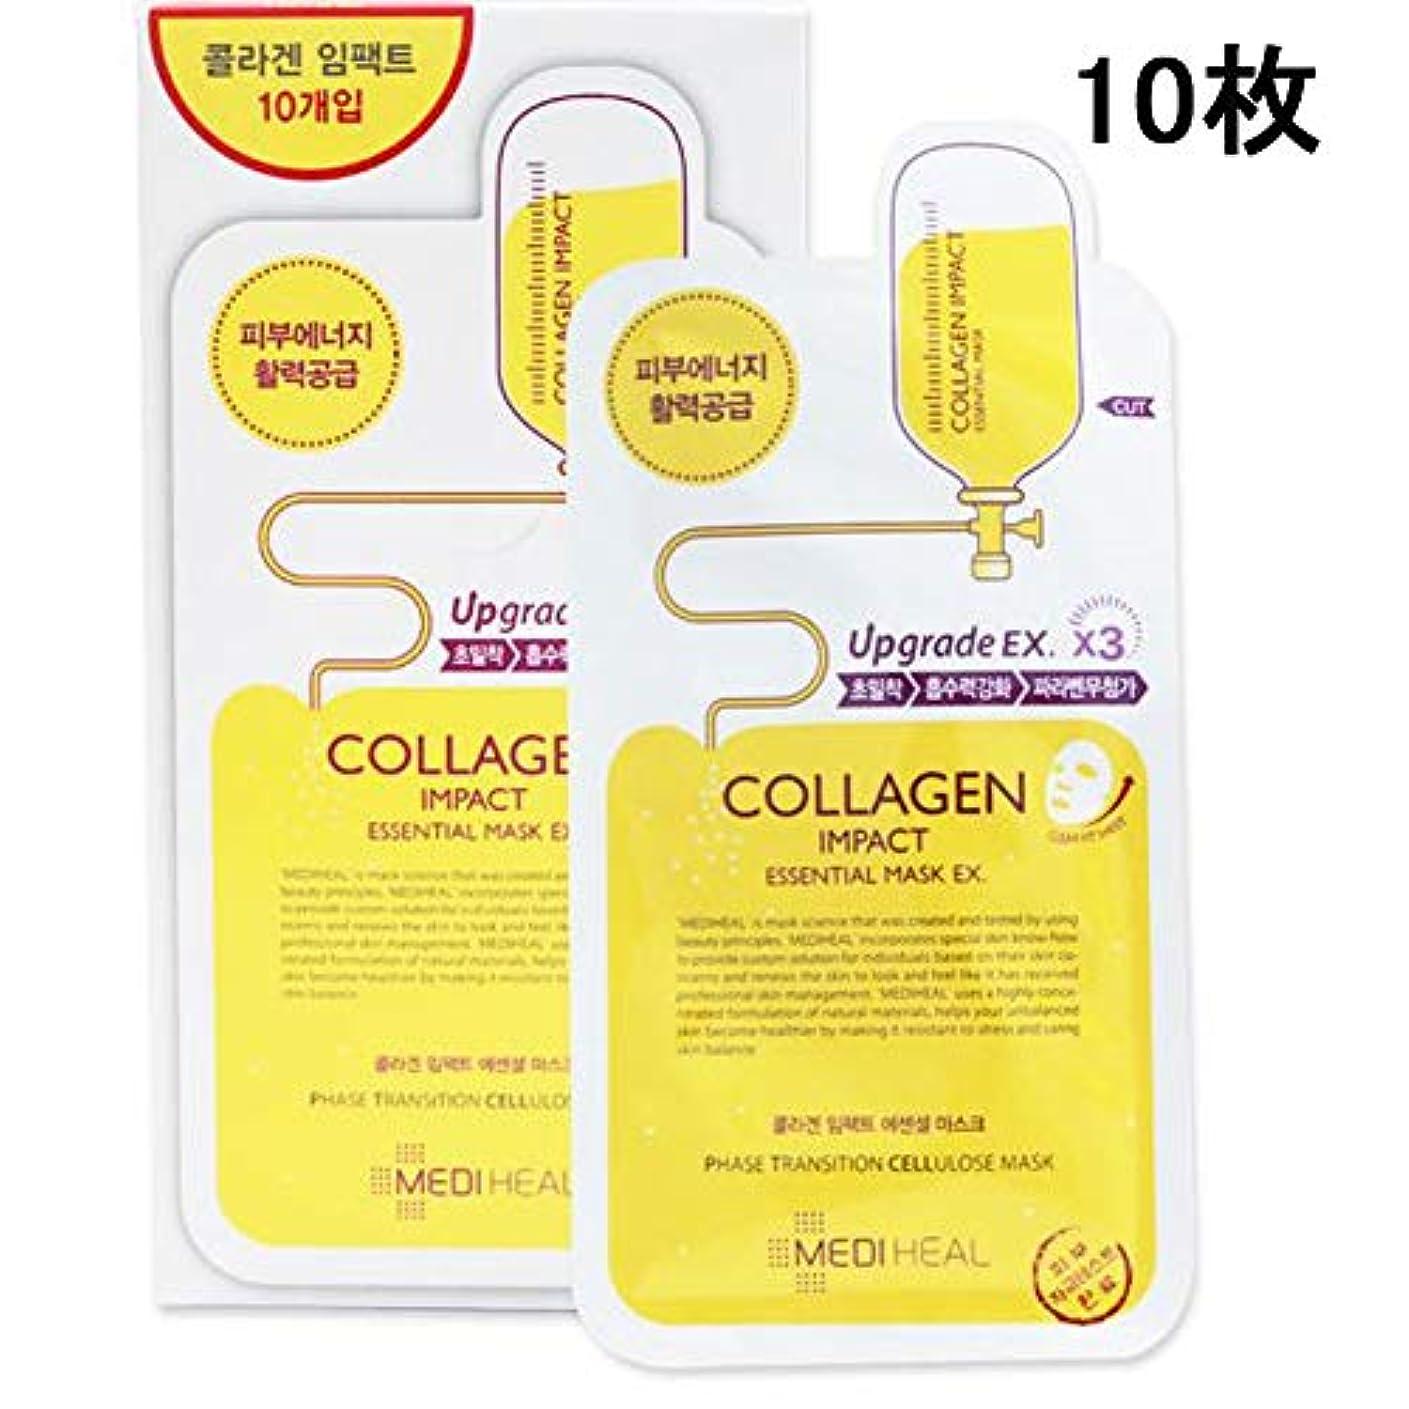 敬意を表して口径法王[メディヒール] Mediheal Colagen Impact Essential Mask メディヒールコラーゲンインパクトエッセンシャルマスクシートEX 10枚 (24ml) [海外直送品][並行輸入品]